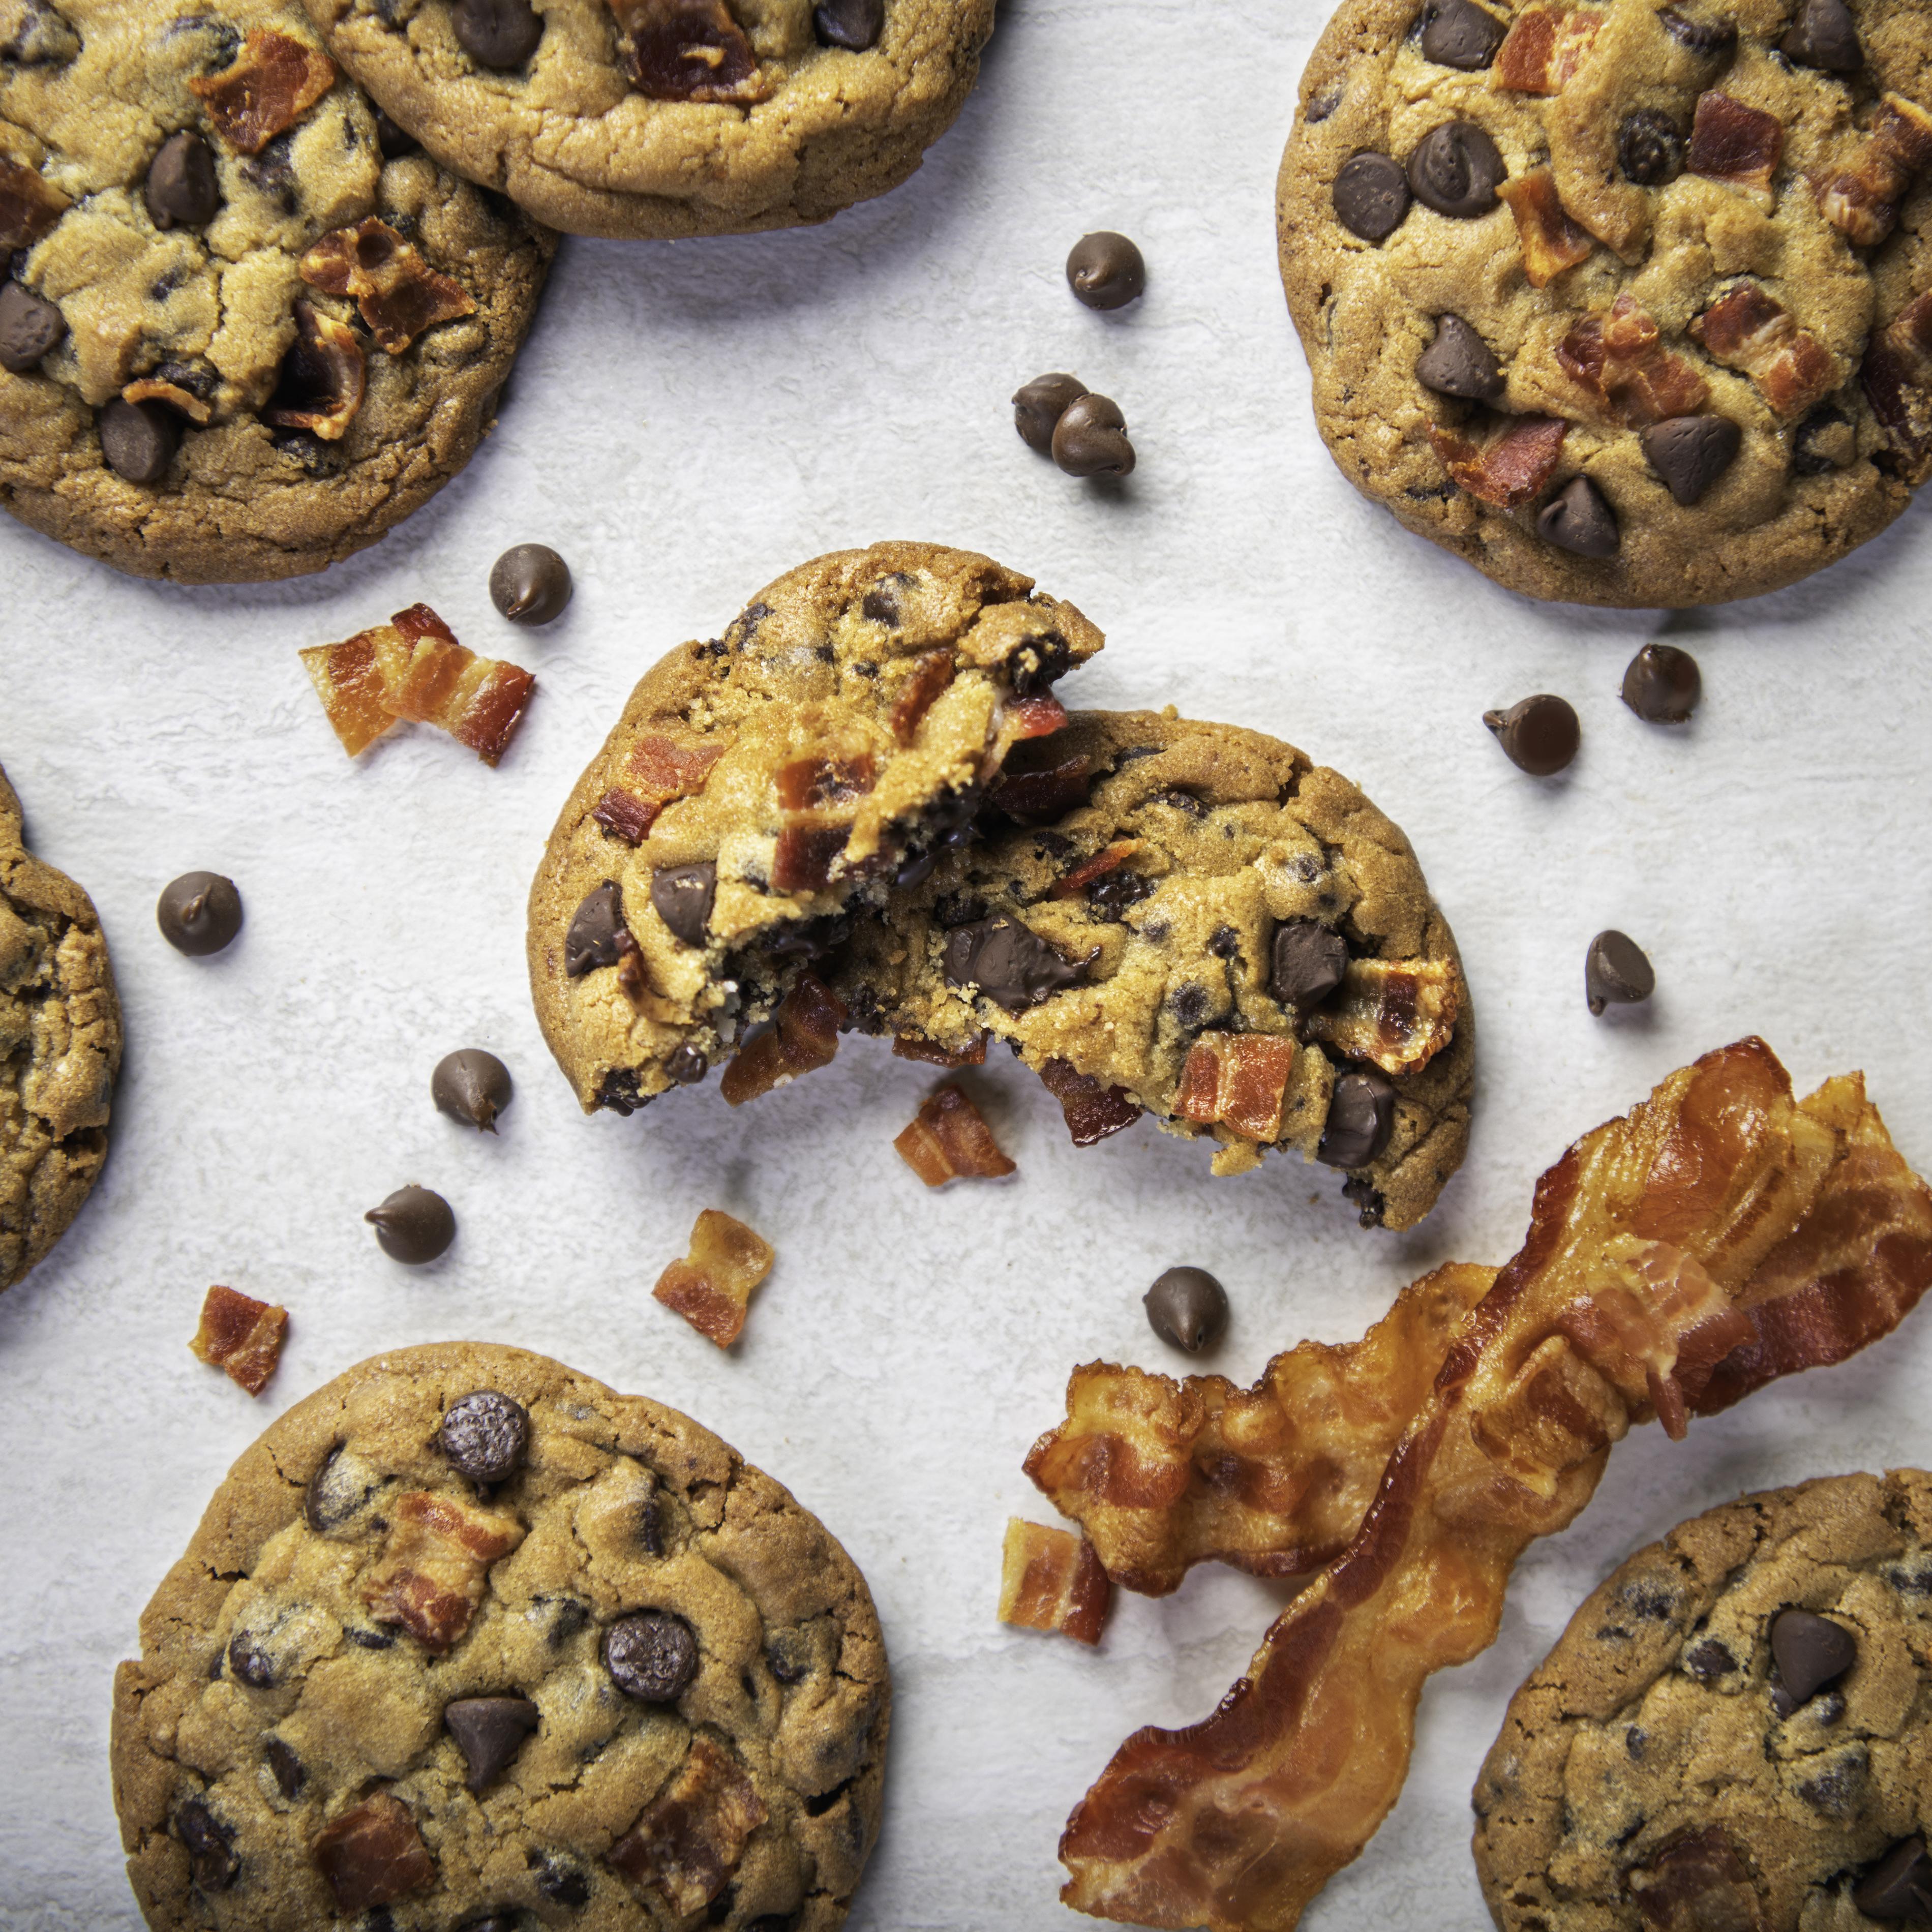 Bacon Stuffed Cookies